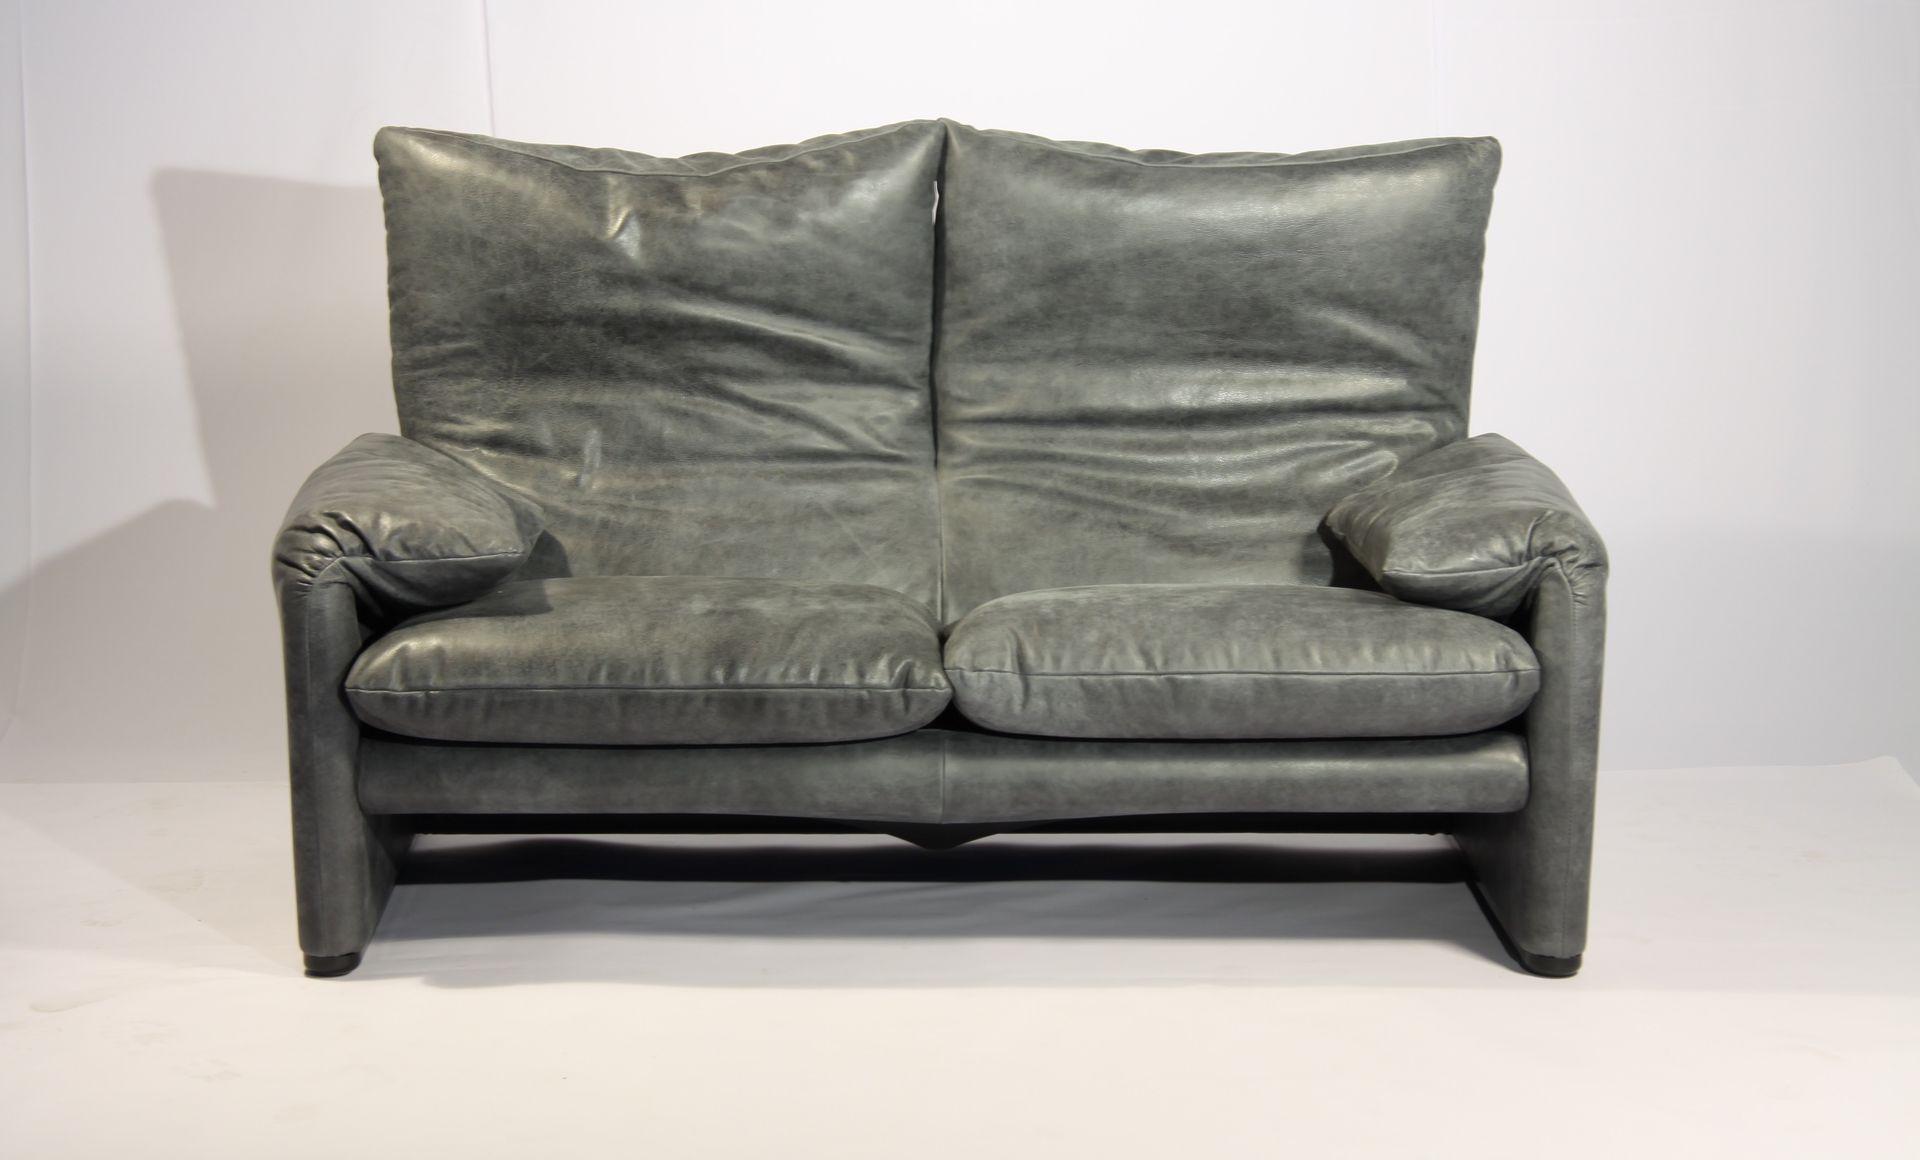 maralunga sofa von vico magistretti f r cassina 1974 bei pamono kaufen. Black Bedroom Furniture Sets. Home Design Ideas